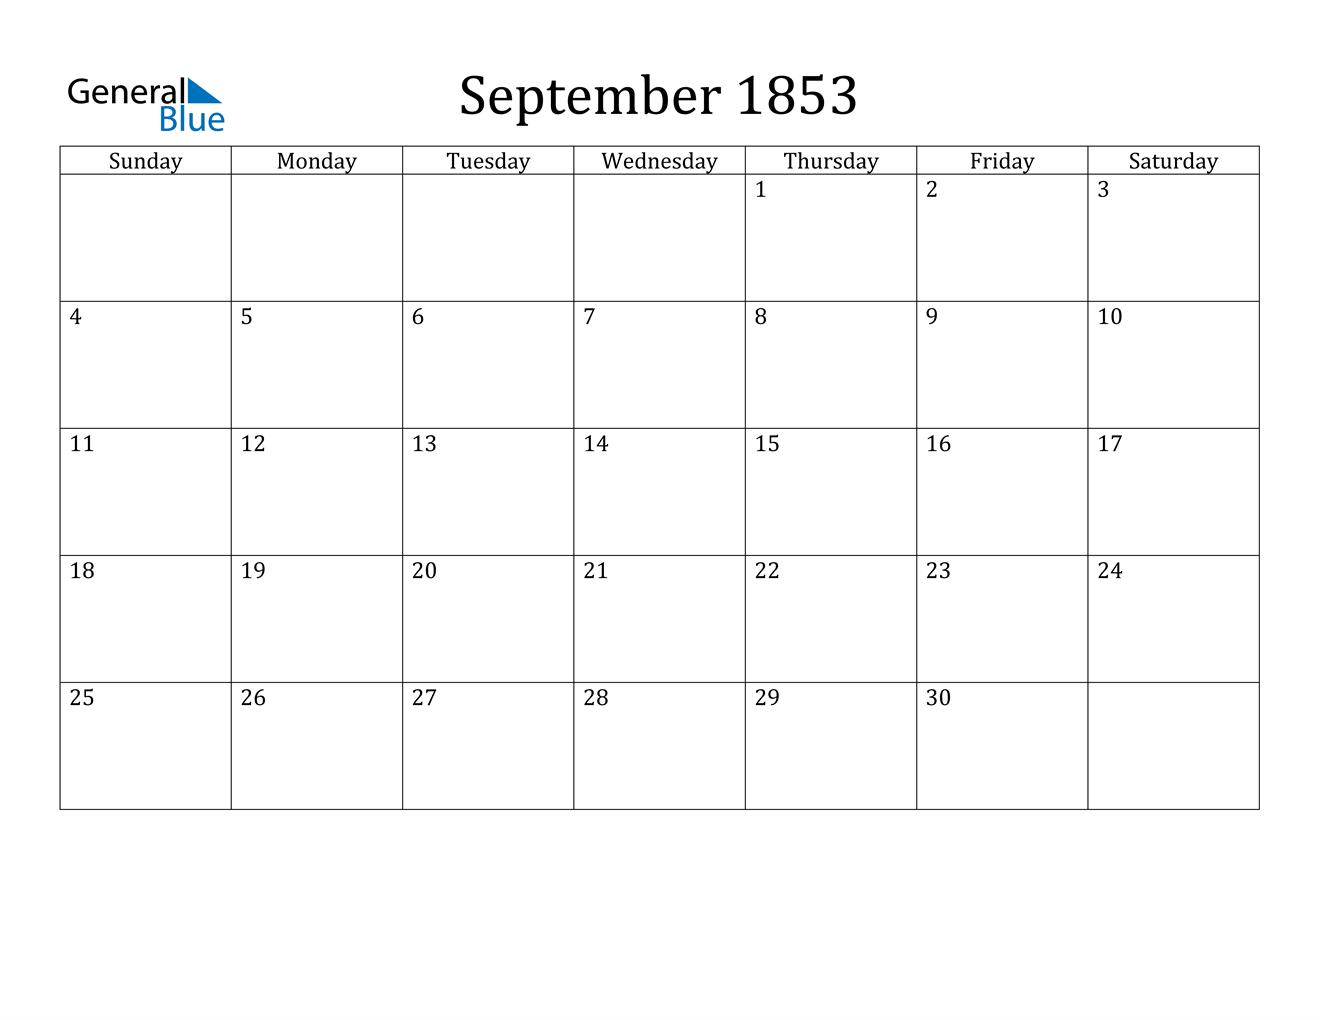 Image of September 1853 Calendar